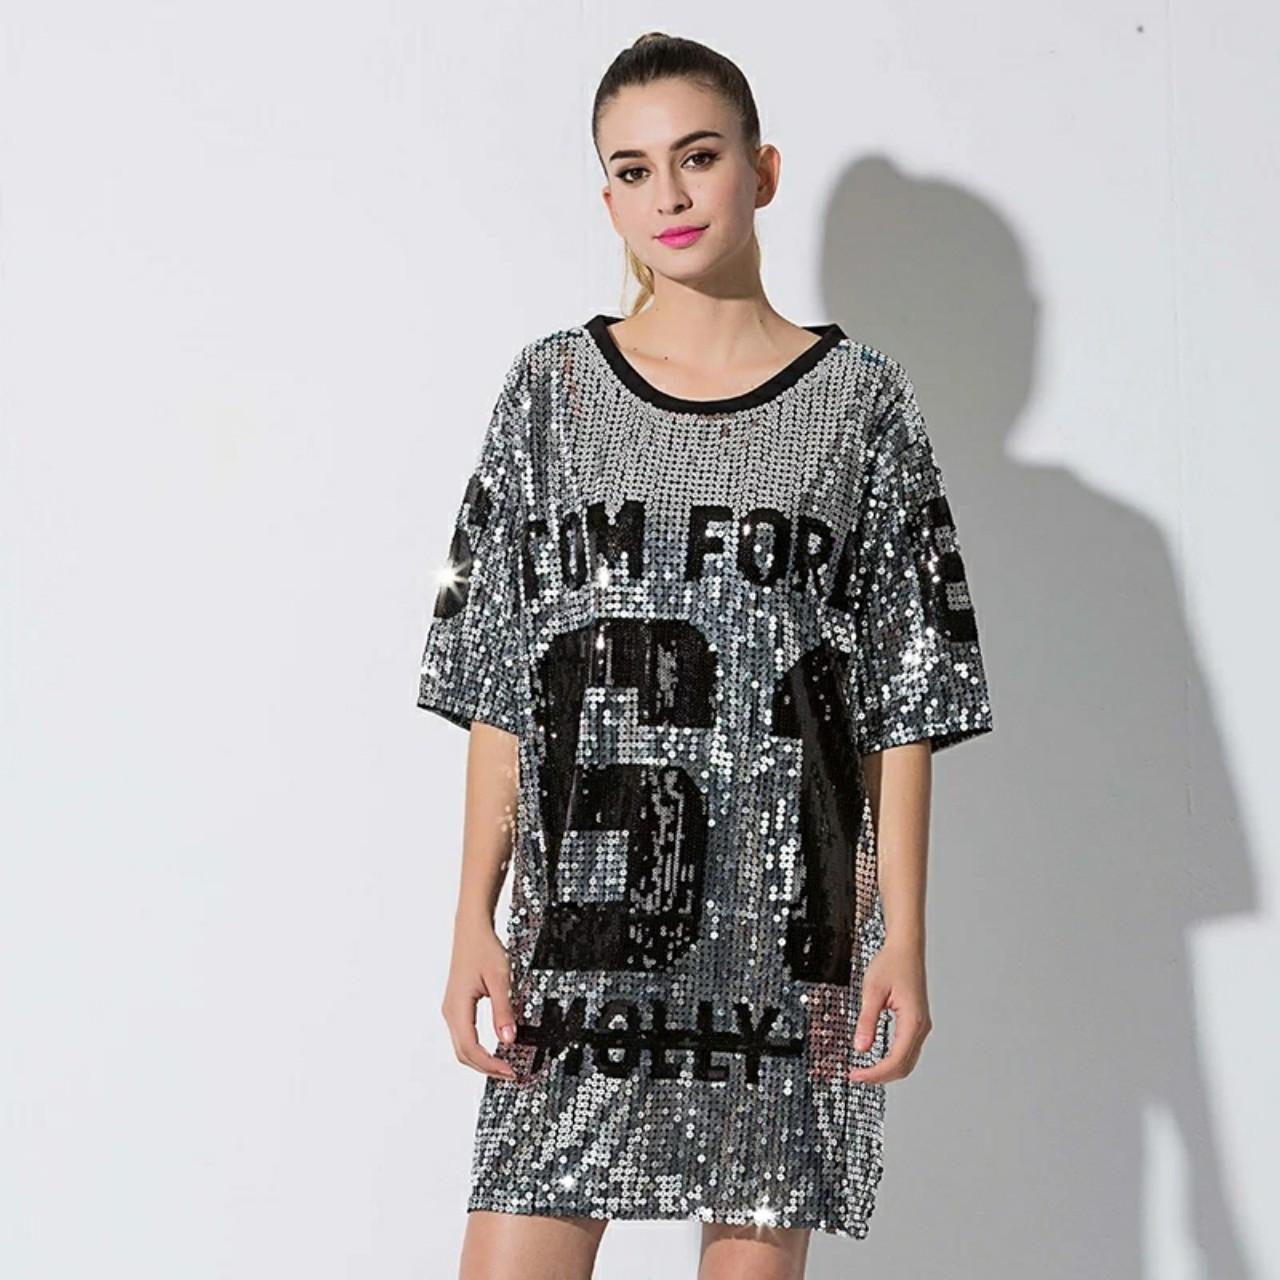 Женское платье туника Tom Ford 61 с пайетками серебристое